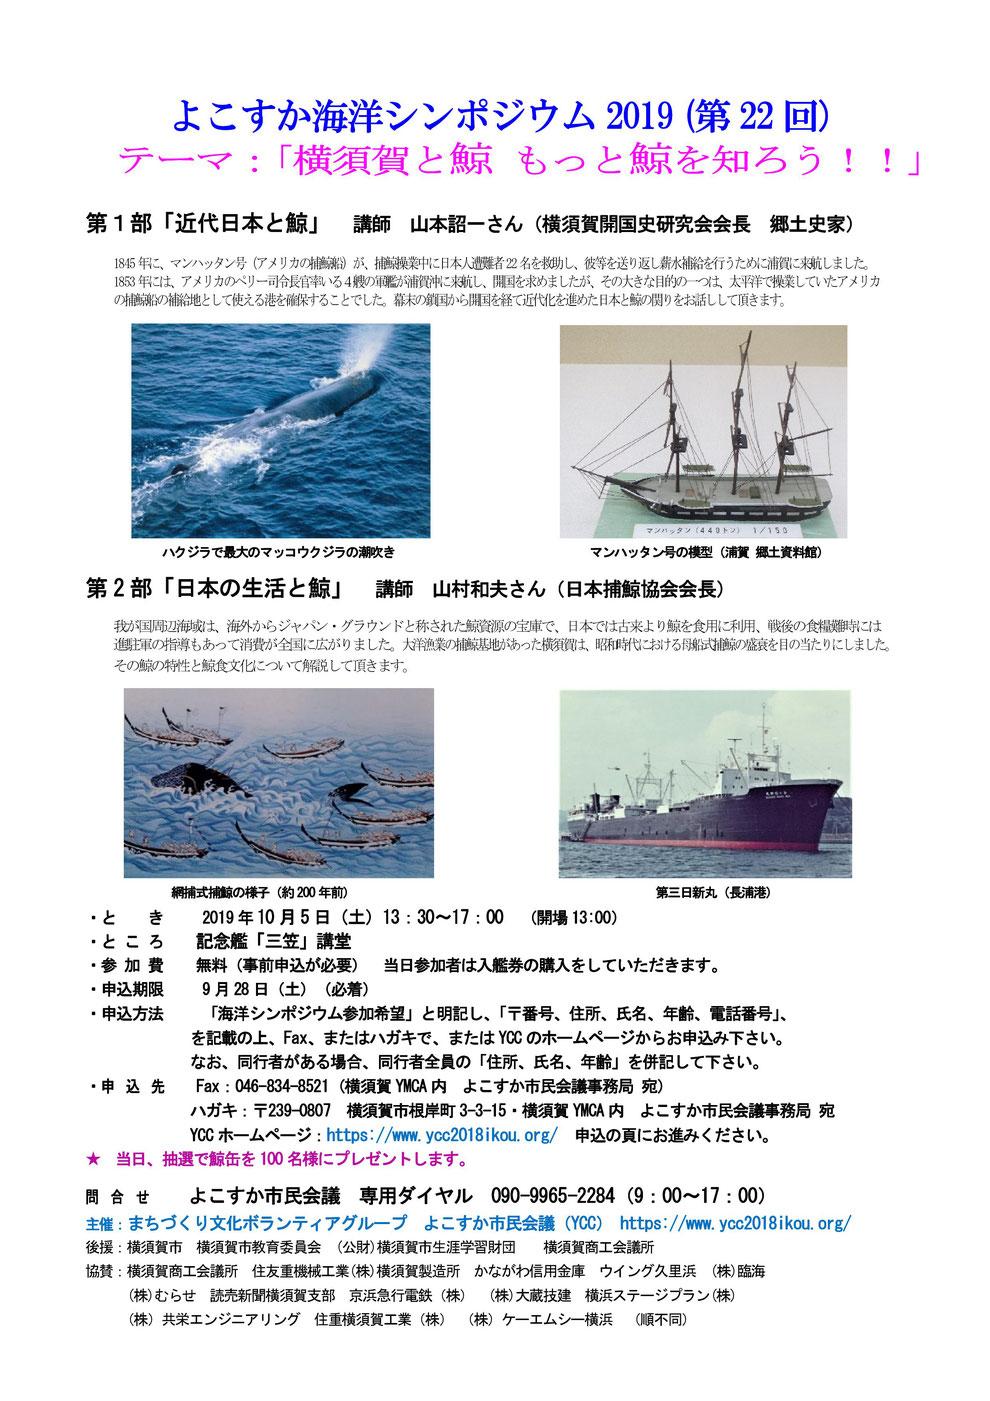 2019年 海洋シンポジウム パンフレット